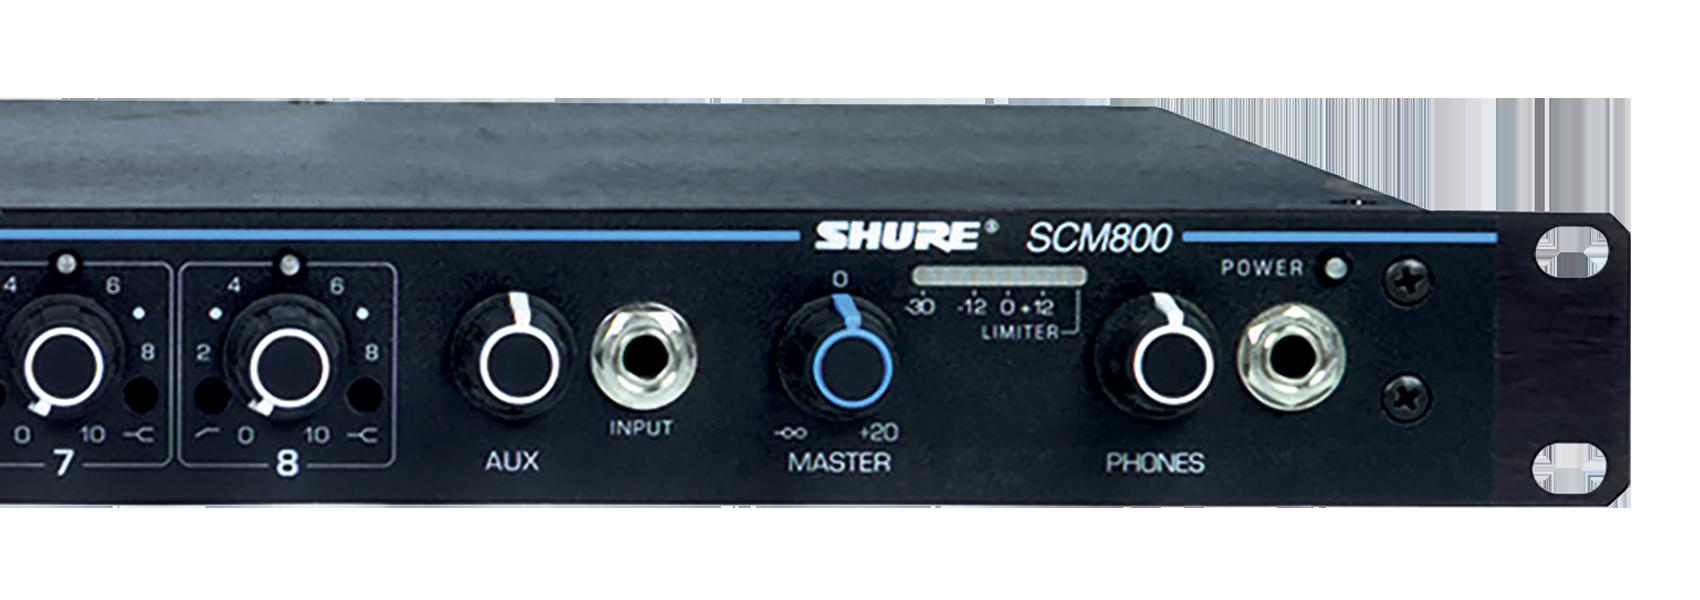 Ilustración Shure SCM800 Mezclador de micrófonos 8 canales